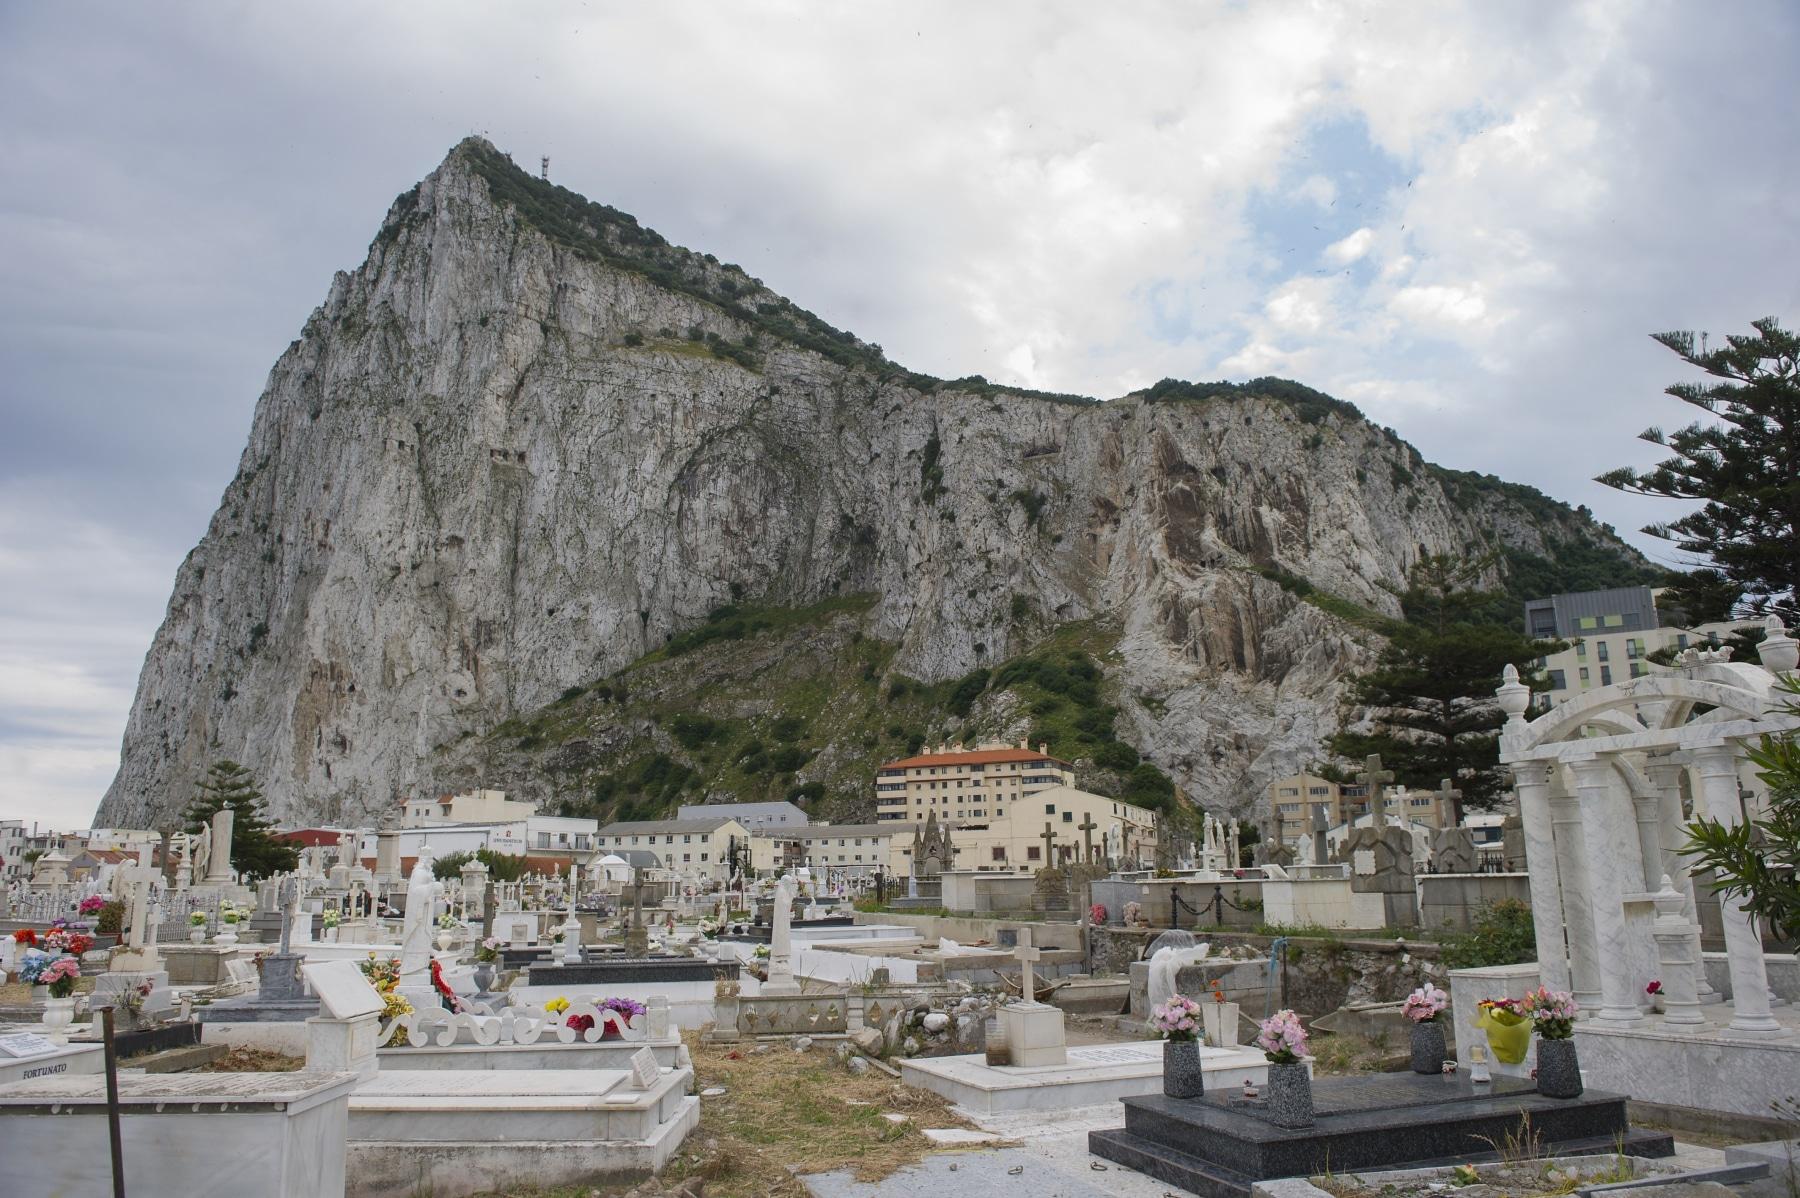 cementerio-catolico-gibraltar-02_9222238143_o